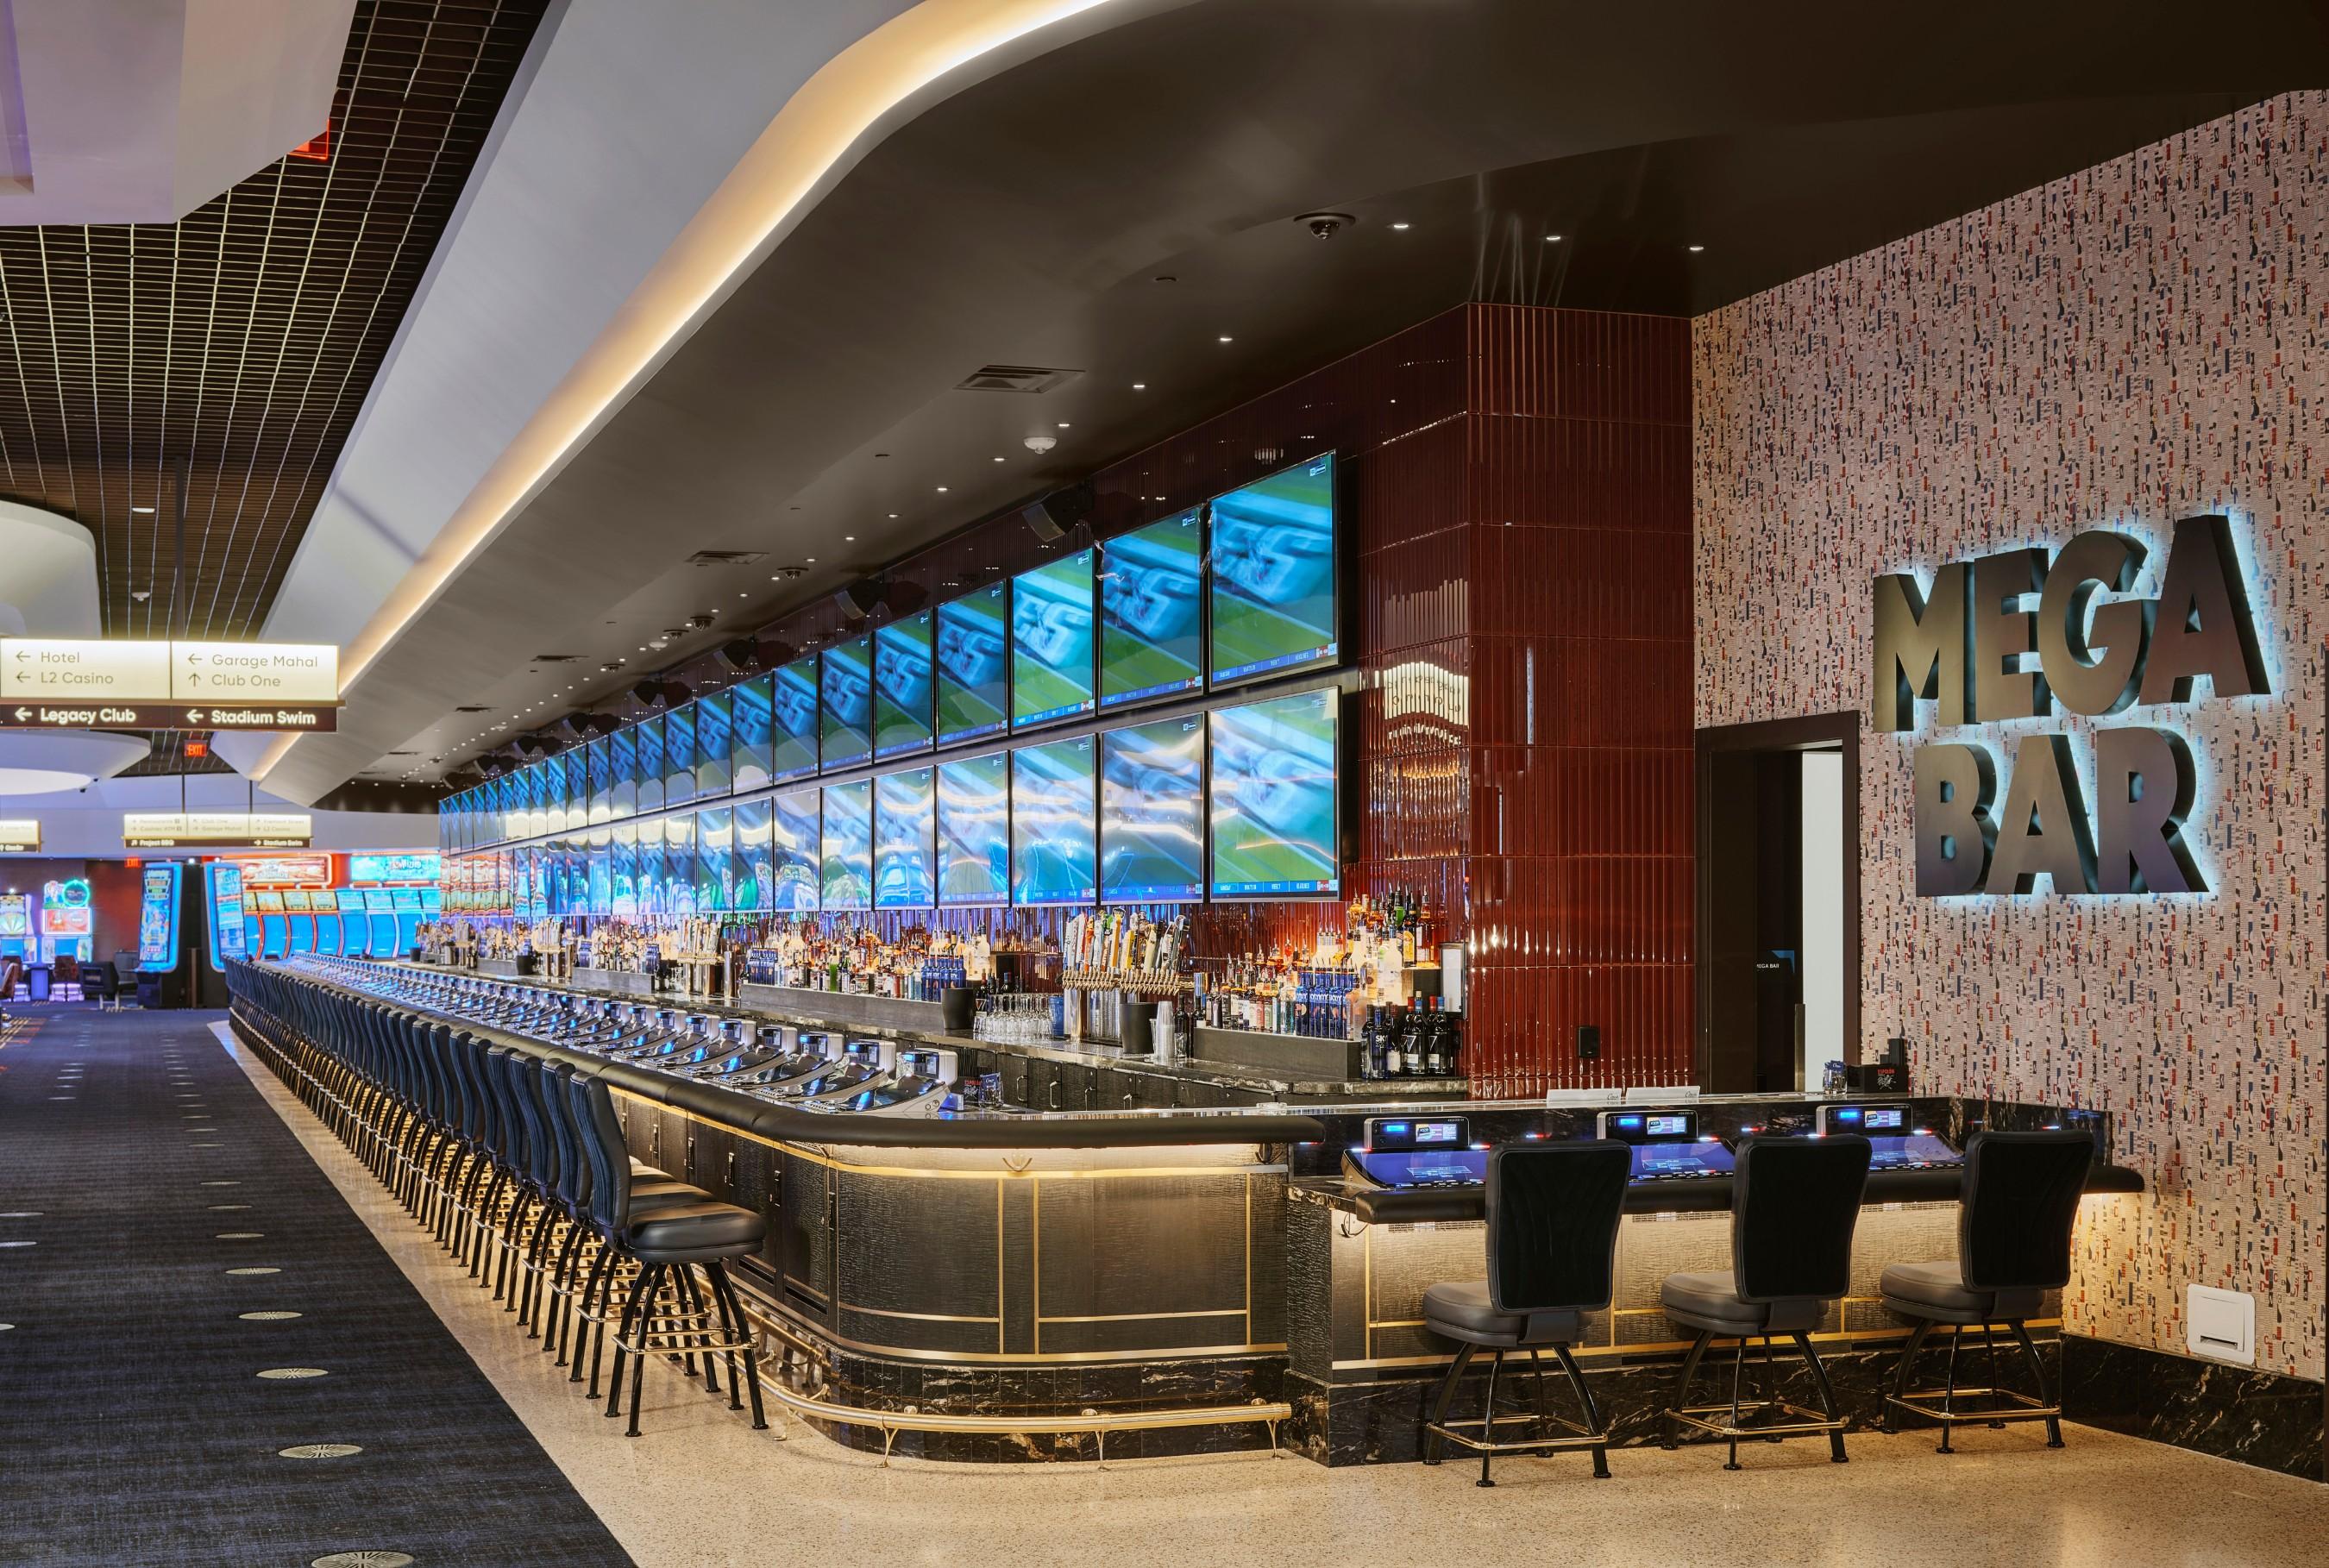 MEGA Bar is Nevada's longest indoor bar, spanning 165 feet.